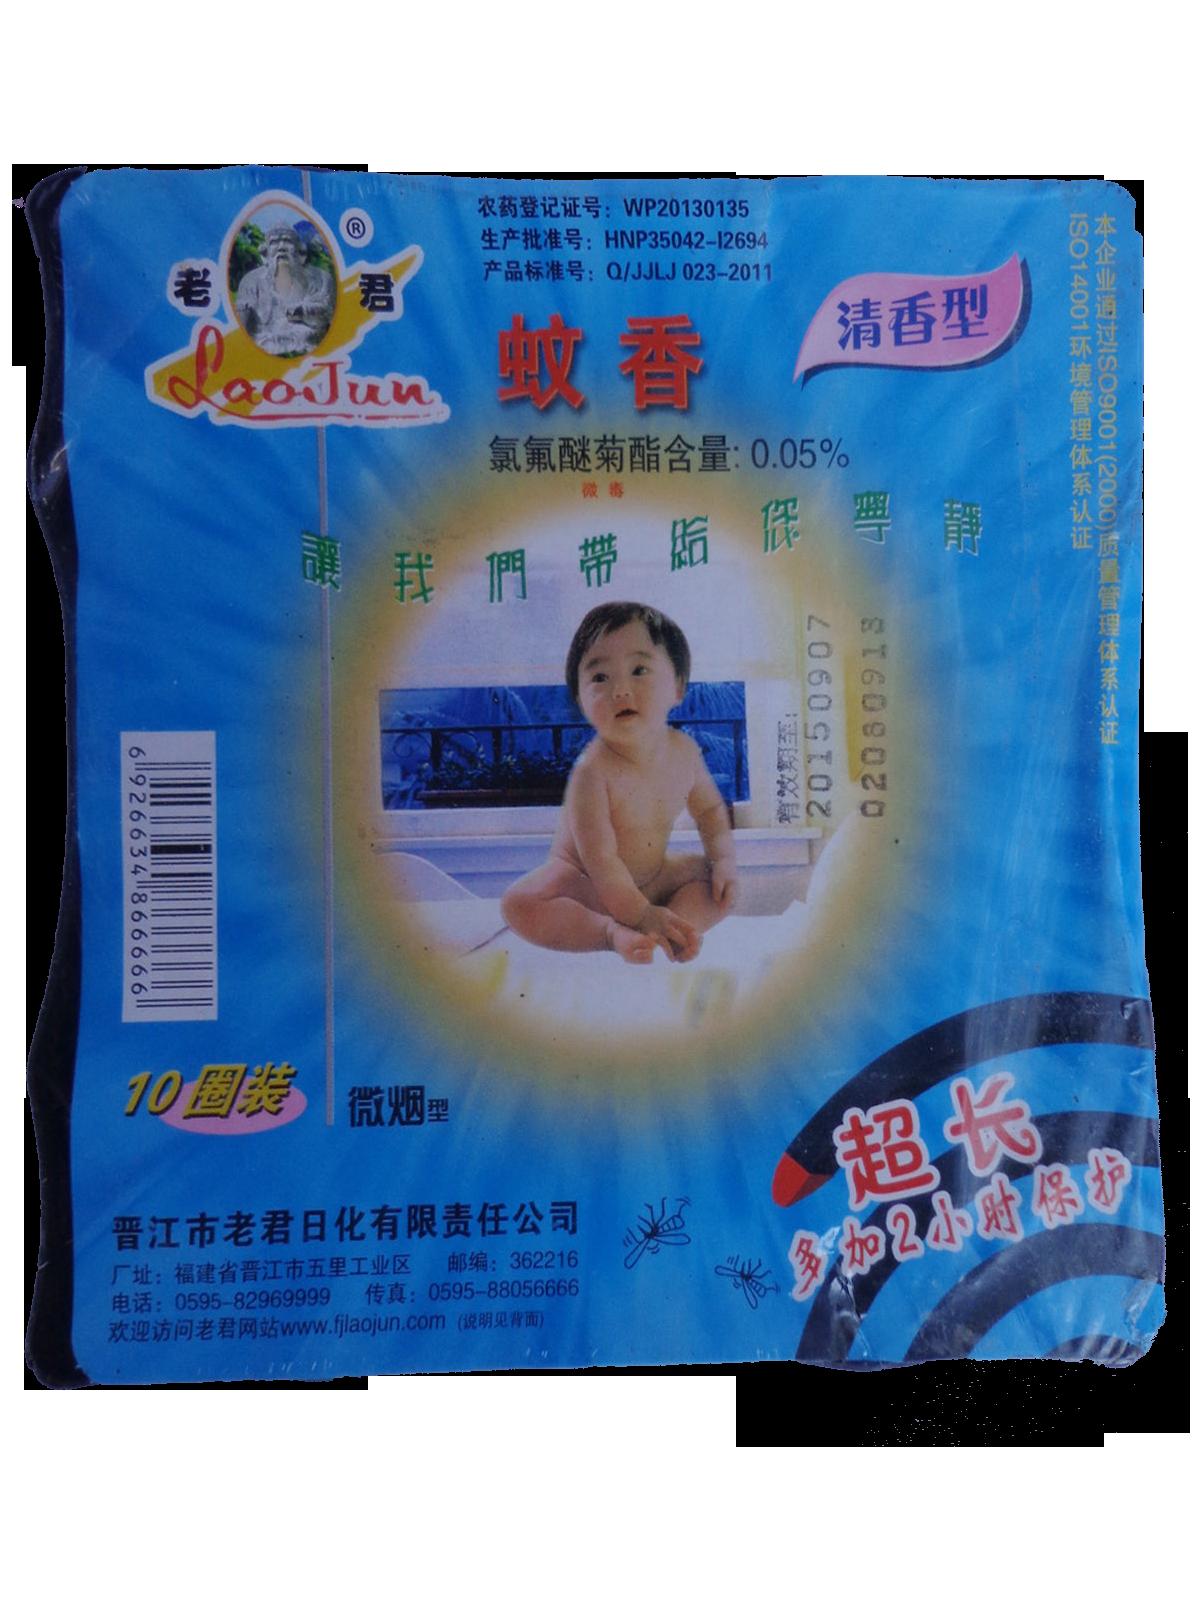 ยากันยุง jaojuu (กล่อง)